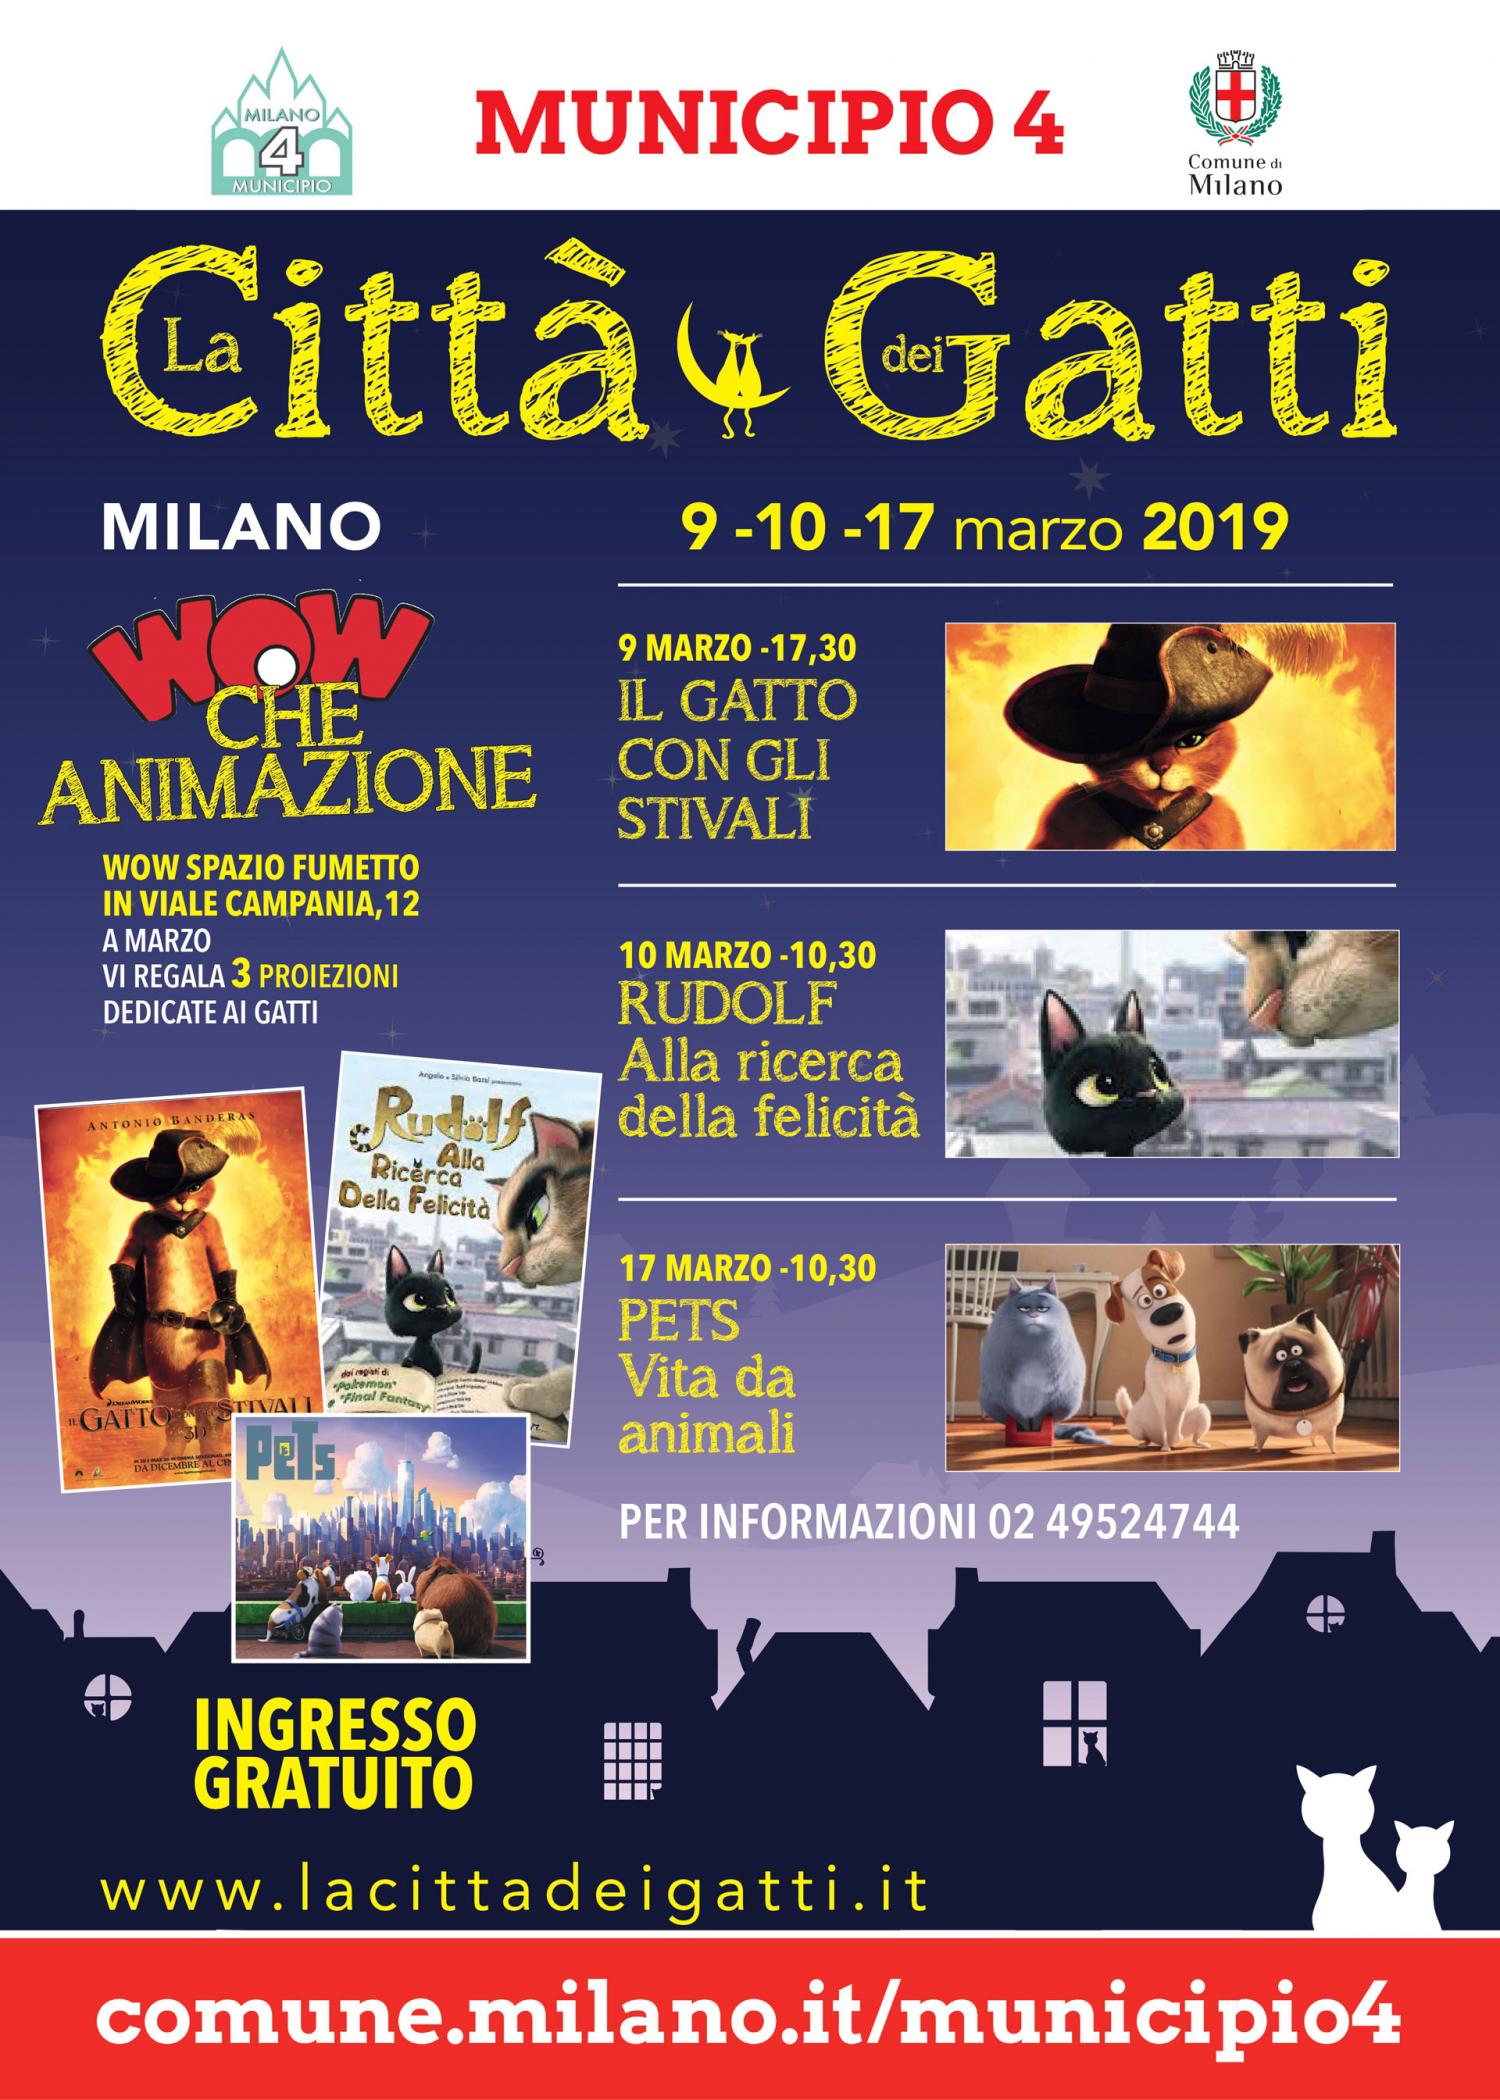 """<p><strong>Tre appuntamenti animati a WOW Spazio Fumetto in occasione de <a target=""""_blank"""" href=""""http://www.museowow.it/wow/la-citta-dei-gatti-2019/"""">La Citt&agrave; dei Gatti</a></strong>, il festival organizzato da da&nbsp;<strong><a target=""""_blank"""" href=""""http://www.urbanpetitalia.com/"""">UrbanPet</a></strong>. Tre film con protagonisti gatti animati, in proiezioni su grande schermo in collaborazione con il Municipio 4.</p>"""